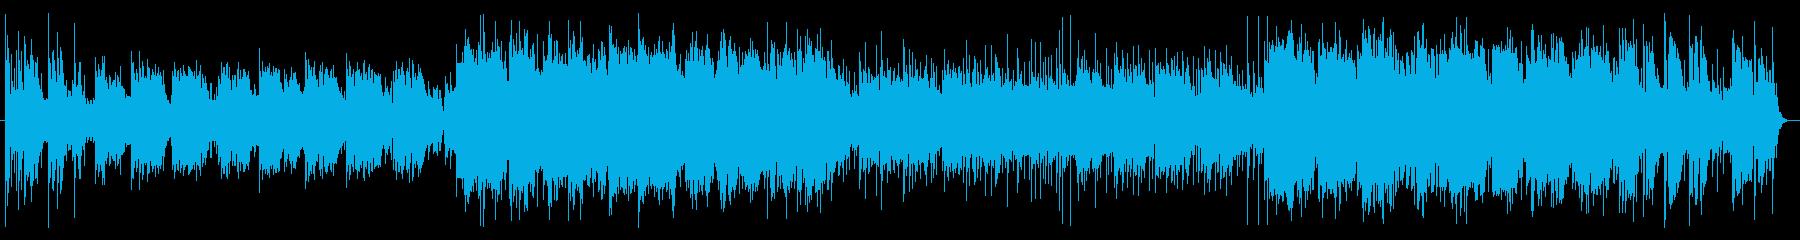 SAXが物悲しく響くエンドレスサマーの再生済みの波形